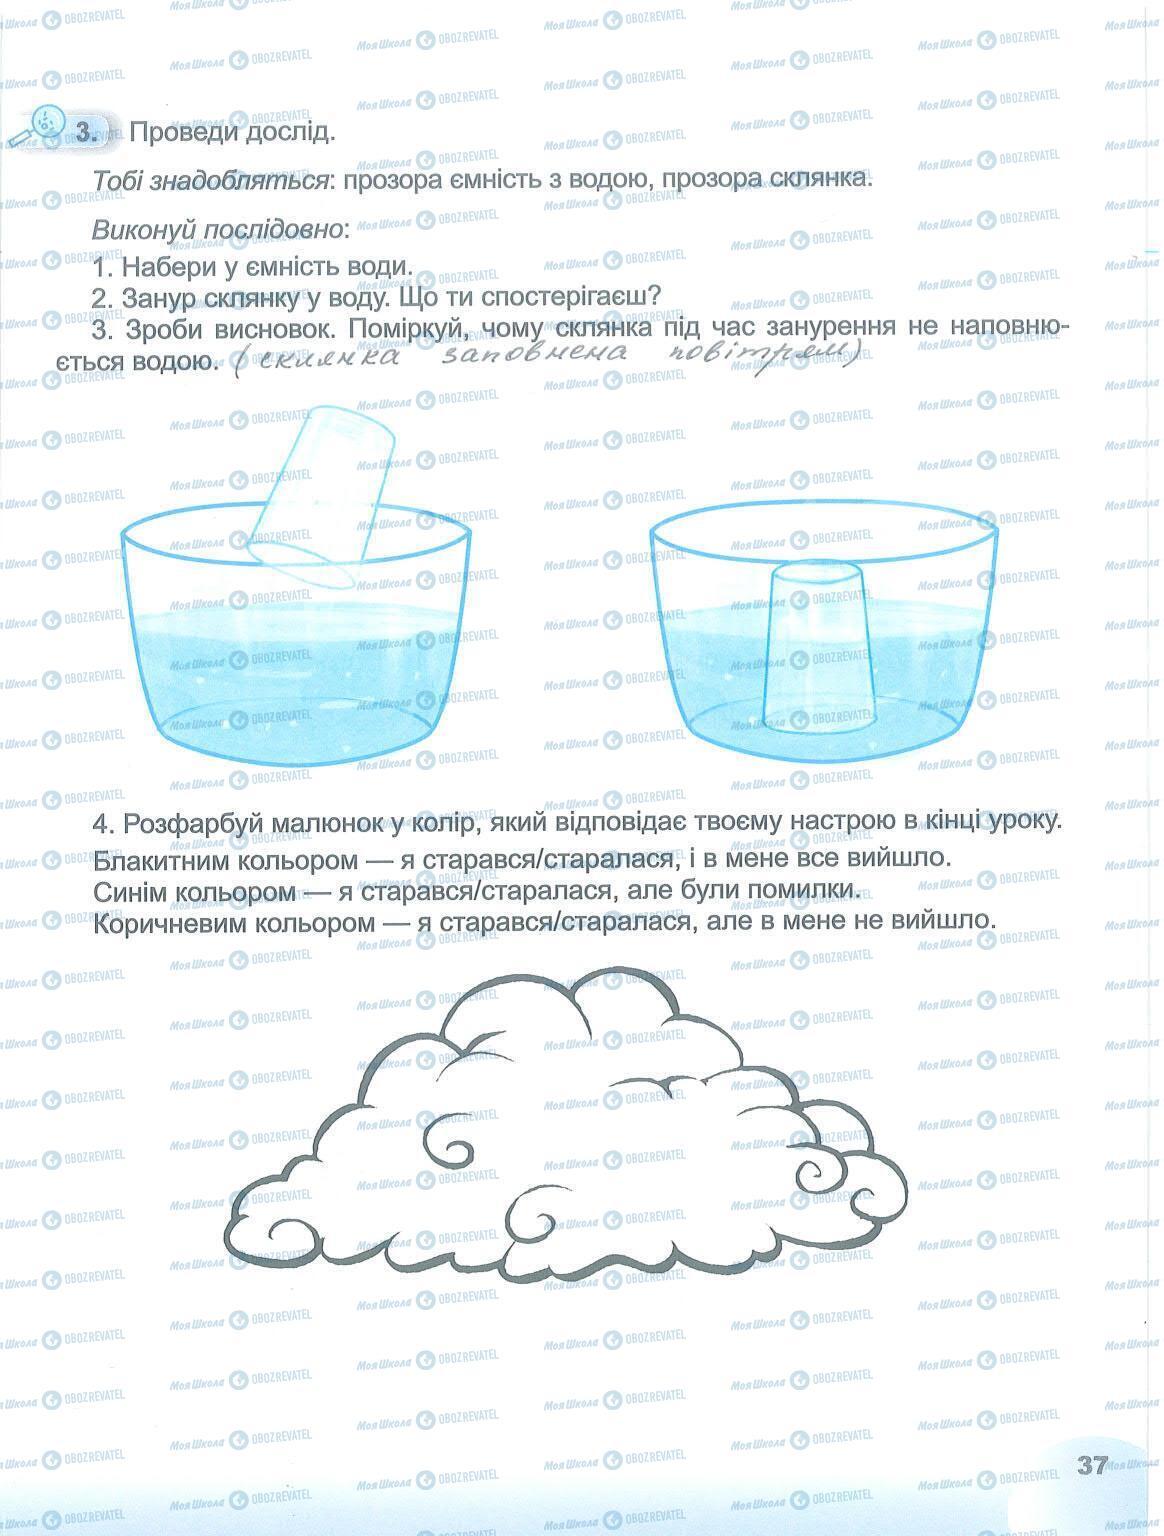 ГДЗ Я досліджую світ 1 клас сторінка 37